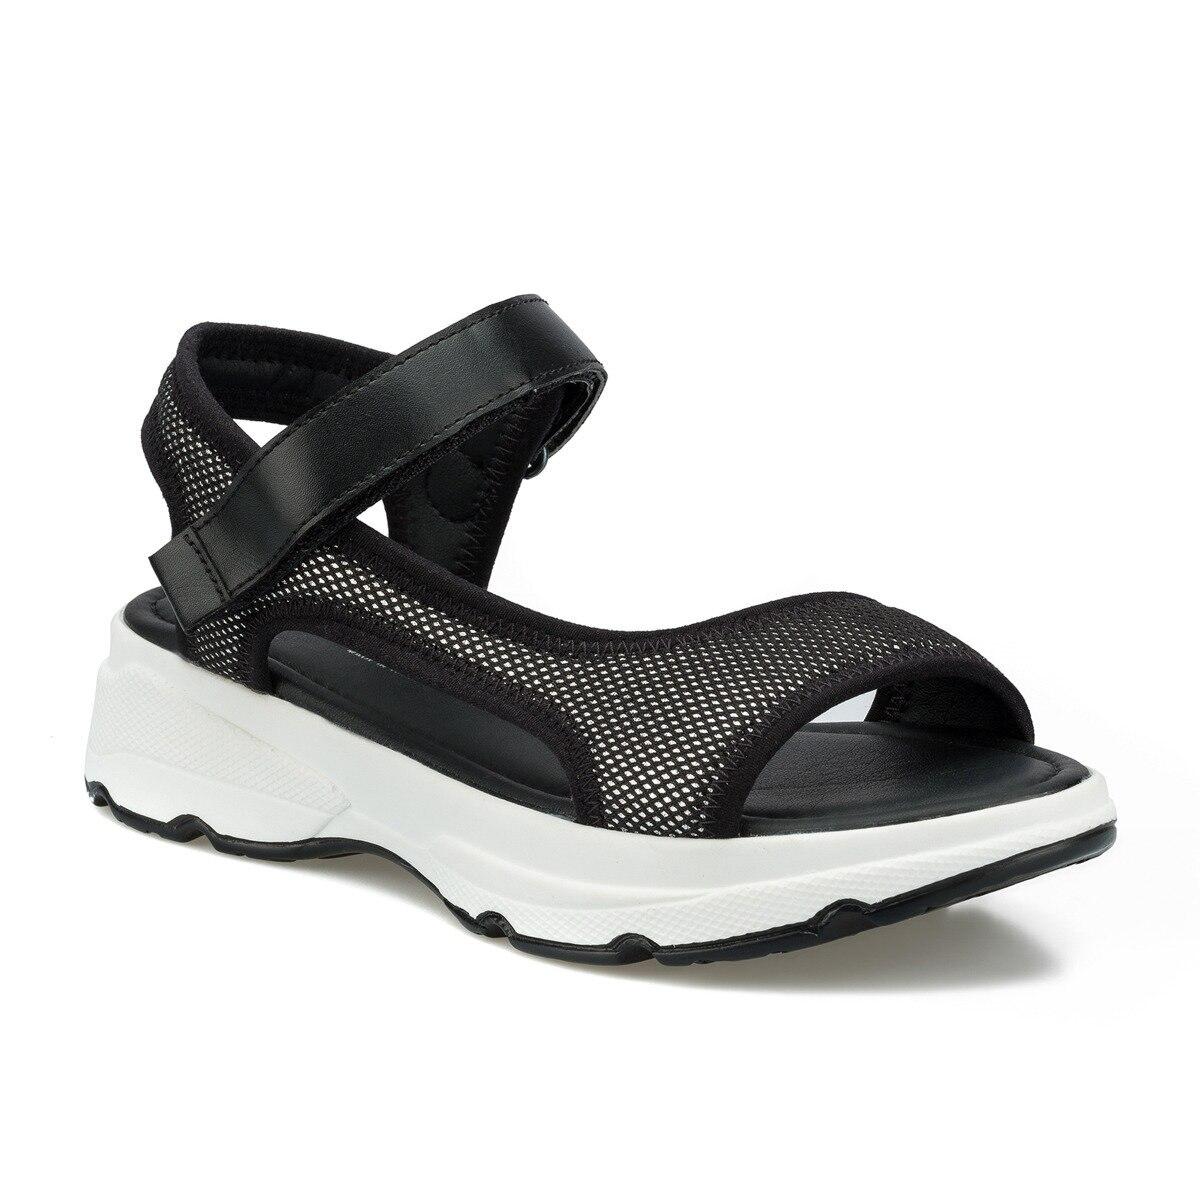 FLO Black White Women Sandals 2020 Sandals Women Fashion Breathable Comfort Ladies Sandals Summer Shoes Sandal Polaris 315501.Z